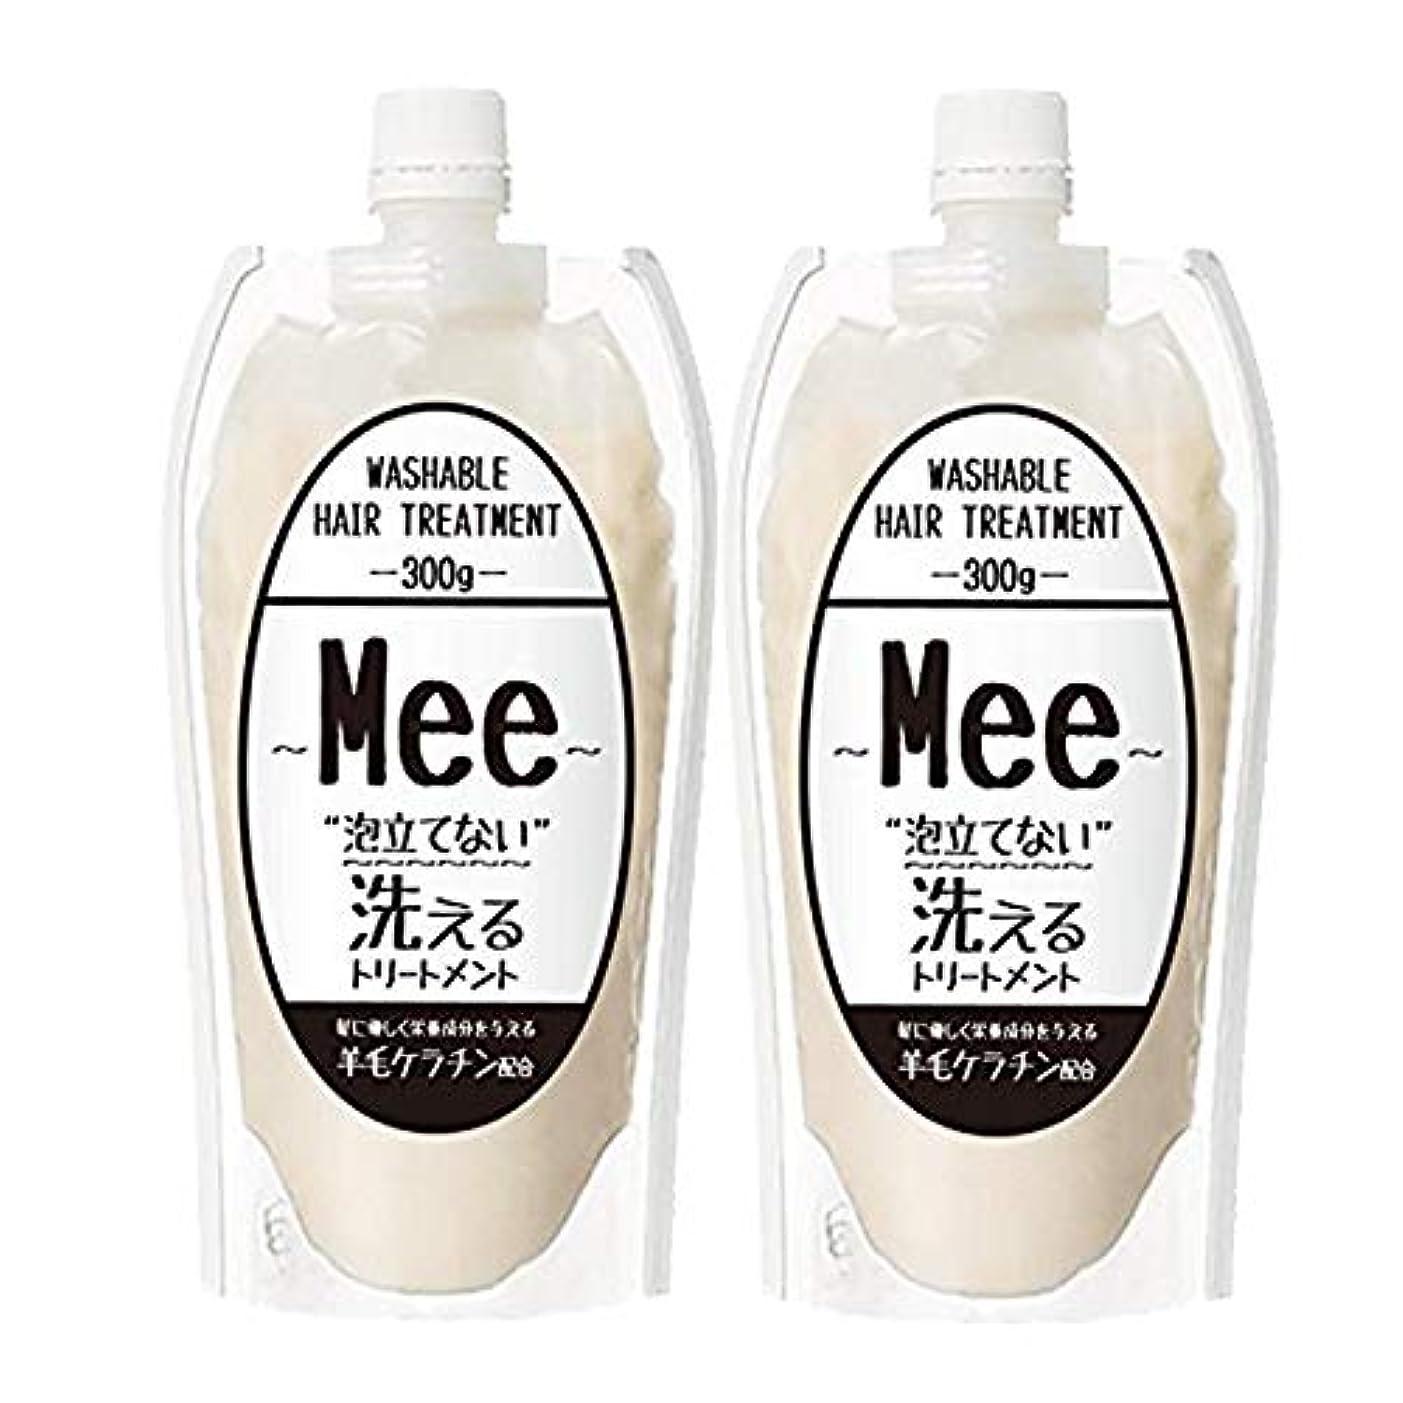 まとめ買い【2個組】 洗えるトリートメントMEE Mee 300g×2個SET クリームシャンプー 皮脂 乾燥肌 ダメージケア 大容量 時短